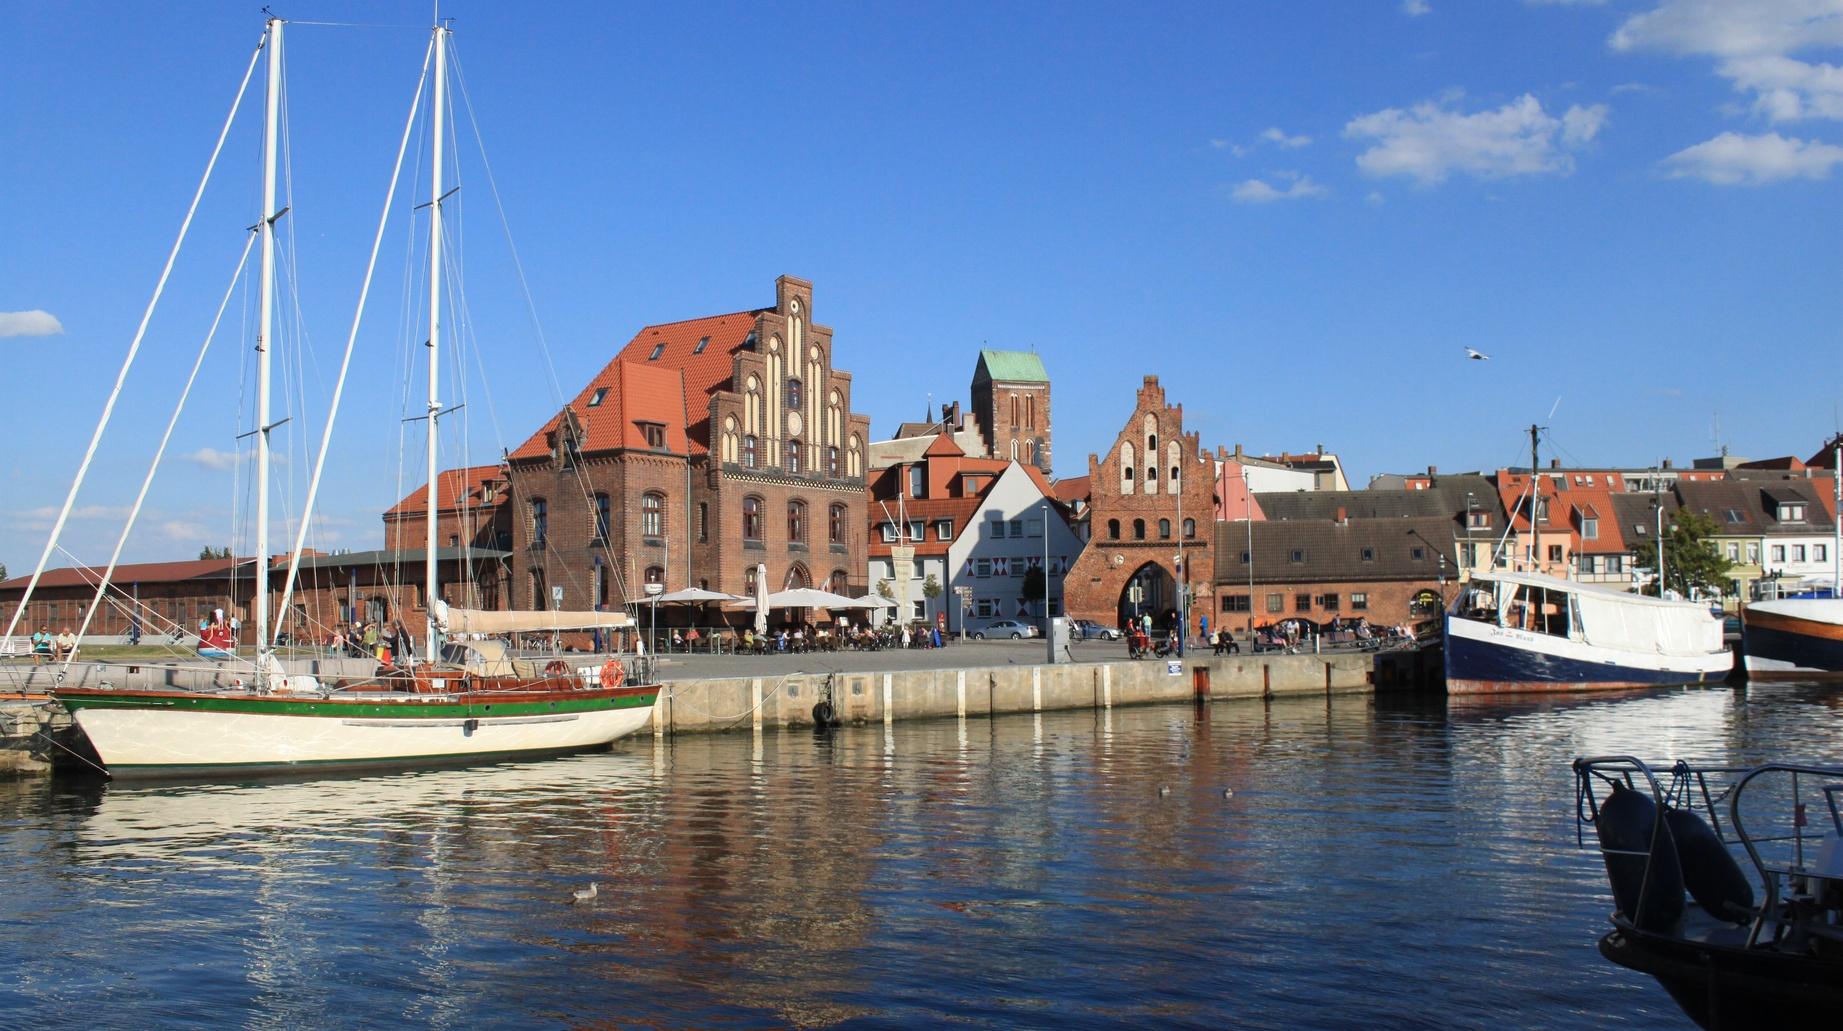 Partie am Alten Hafen in Wismar   Seecamping Flessenow